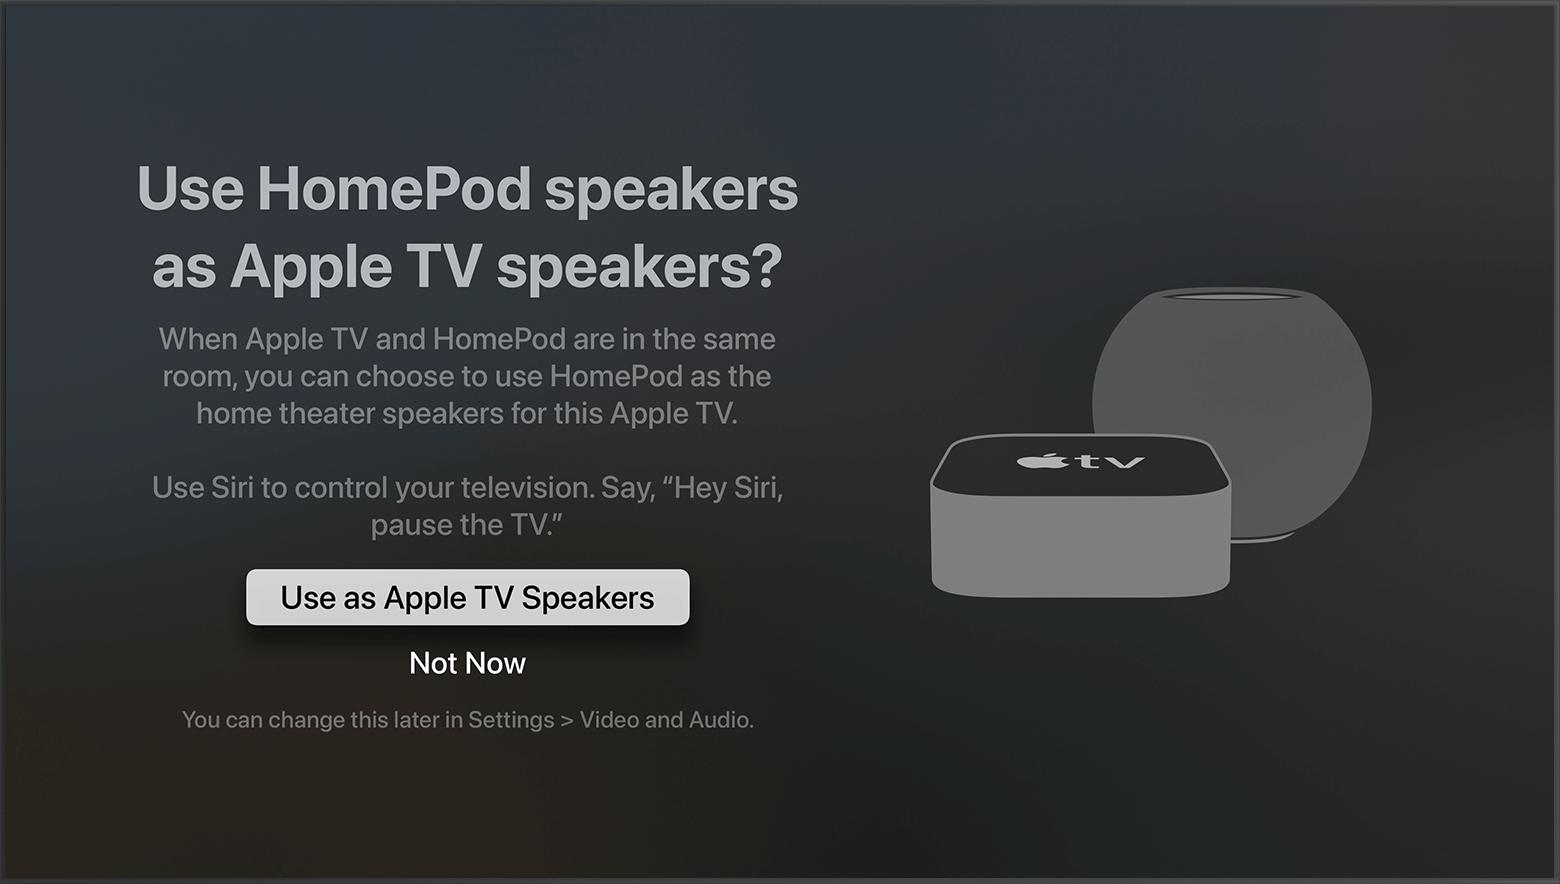 Capture d'écran de tvOS montrant le message invitant à utiliser les enceintesHomePod comme haut-parleurs de l'AppleTV.